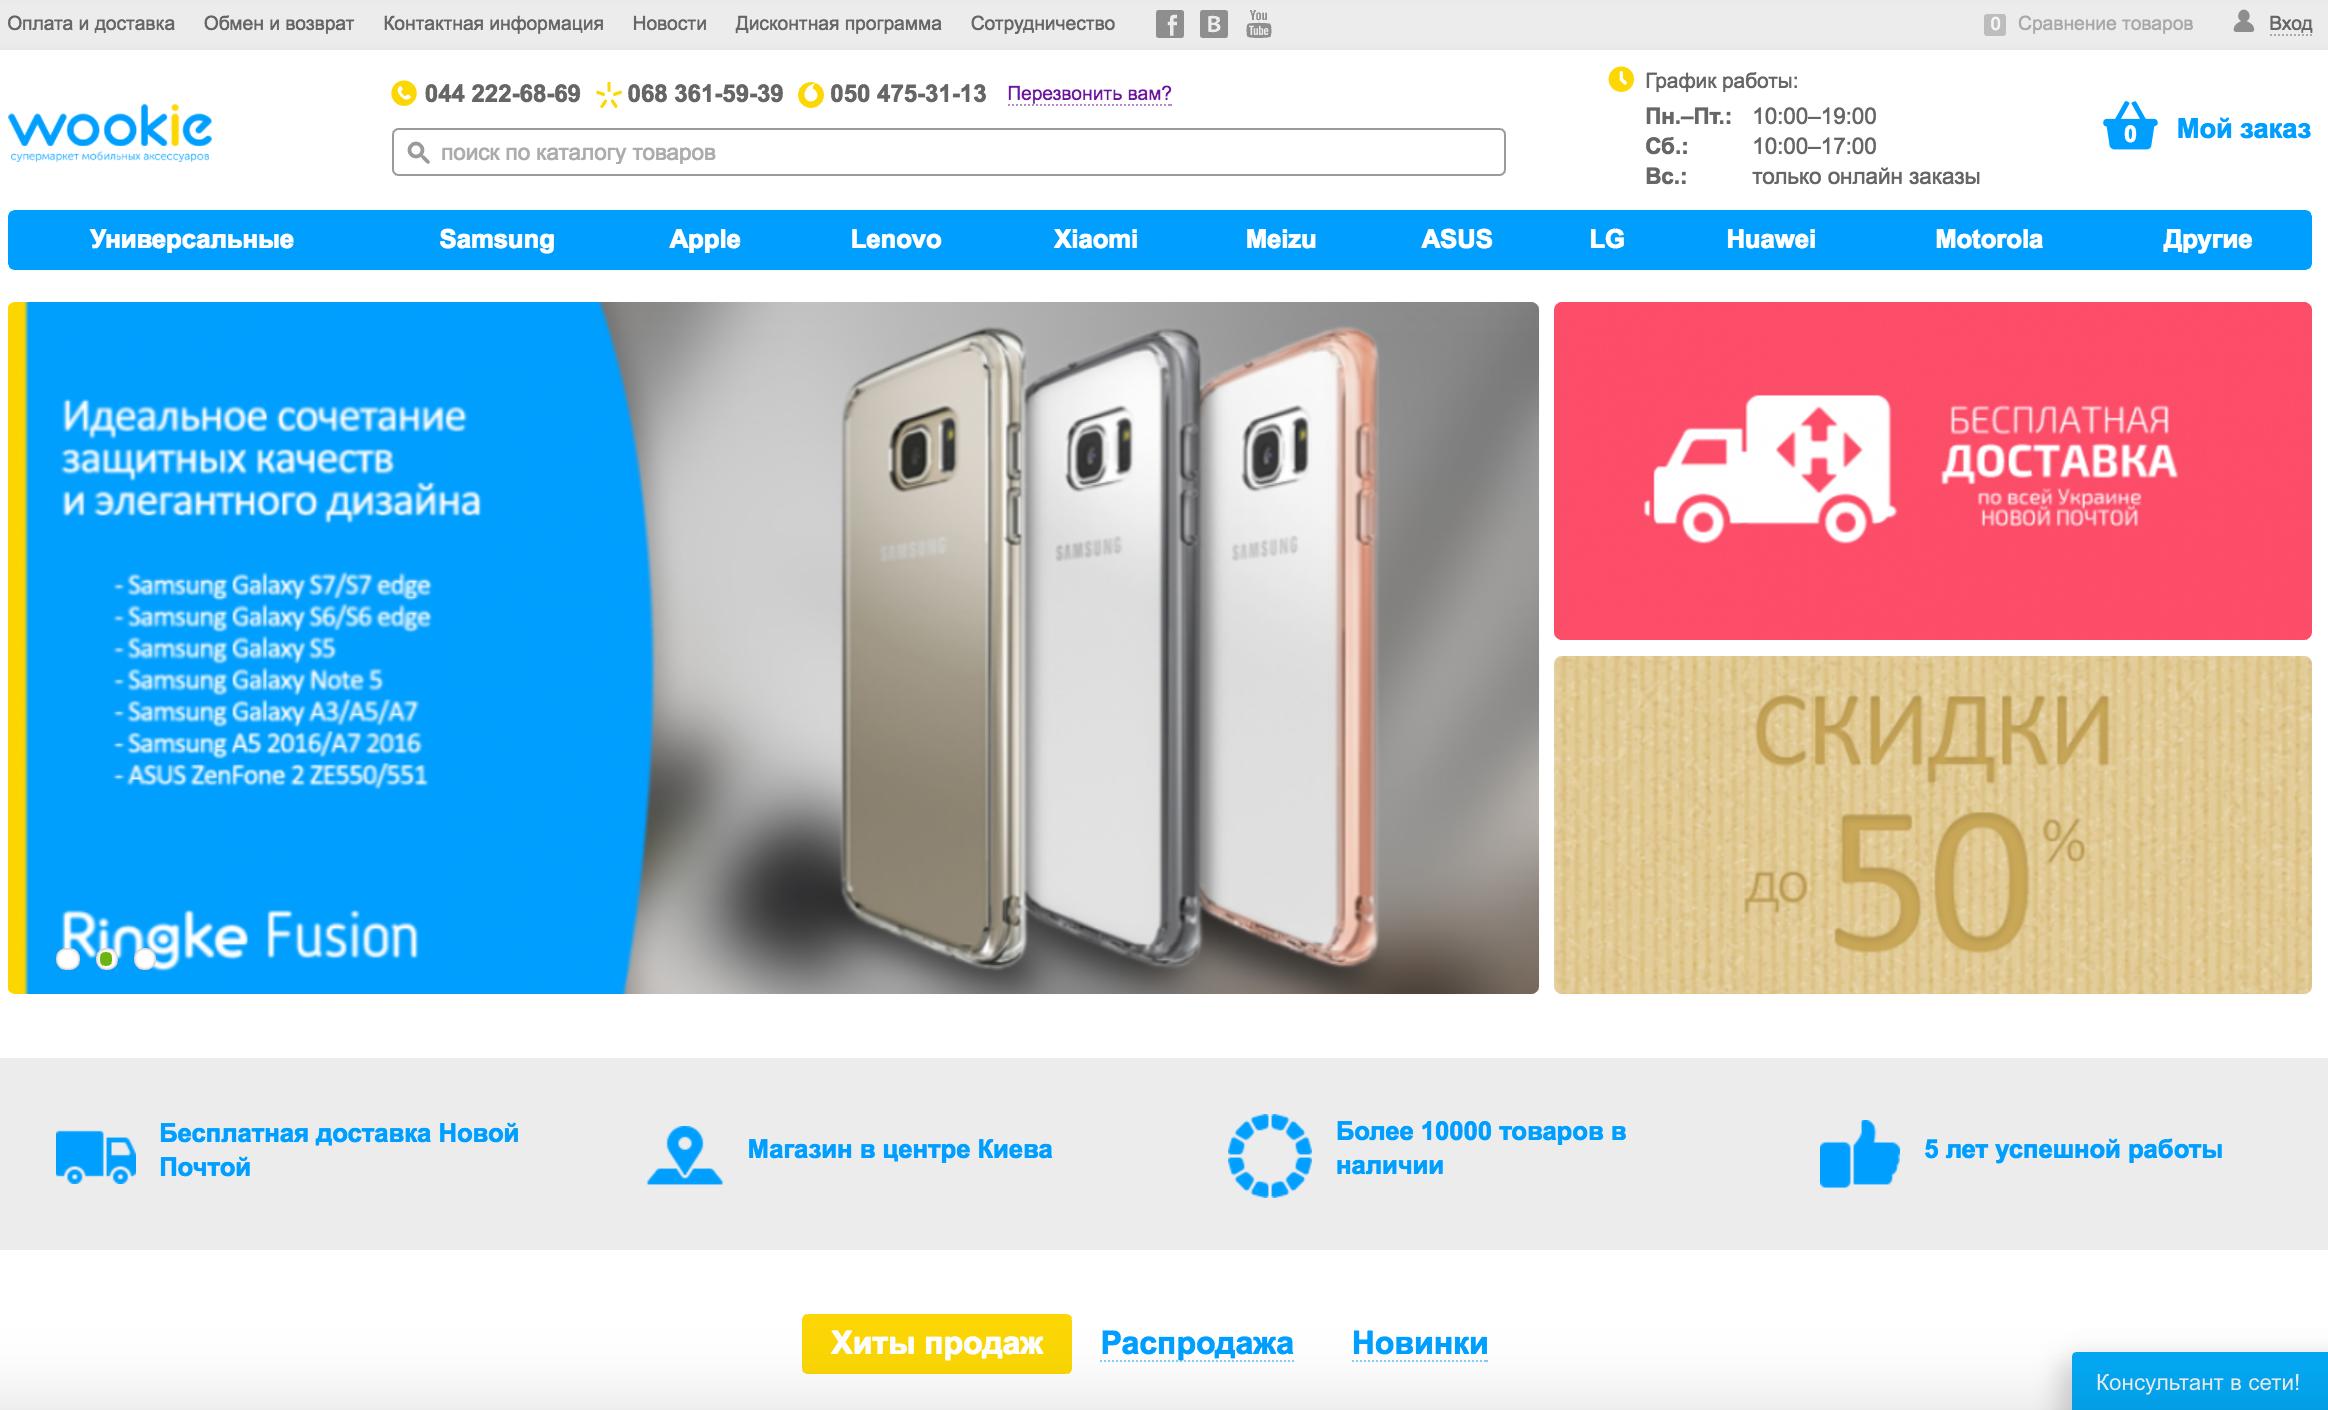 Продвижение магазина мобильных аксессуаров, Украина